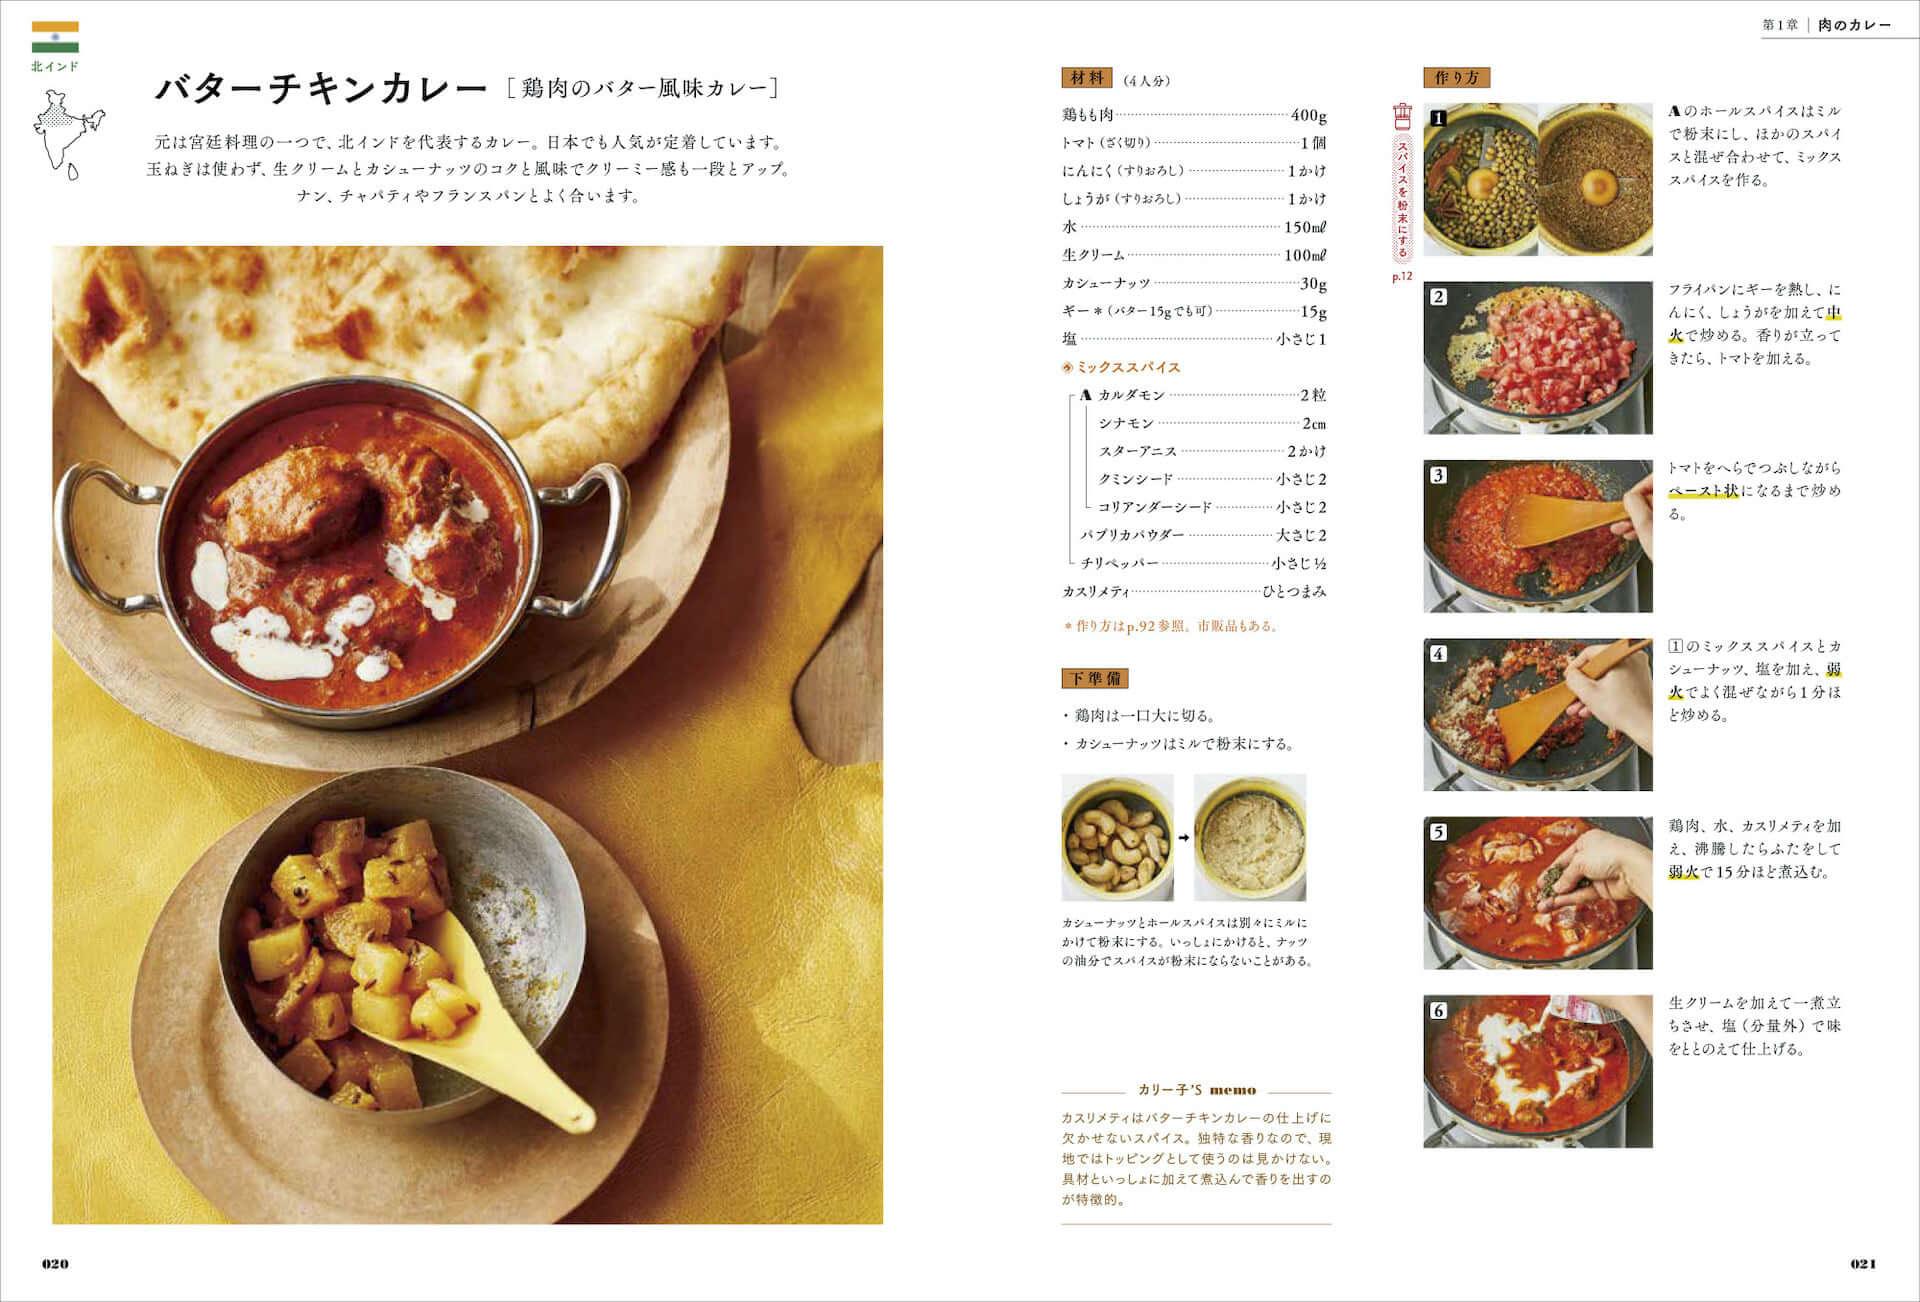 ディープなスパイスカレーをおうちでも!スパイス料理研究家・印度カリー子による本格カレーレシピ本が発売決定 gourmet200622_curry_book_3-1920x1302